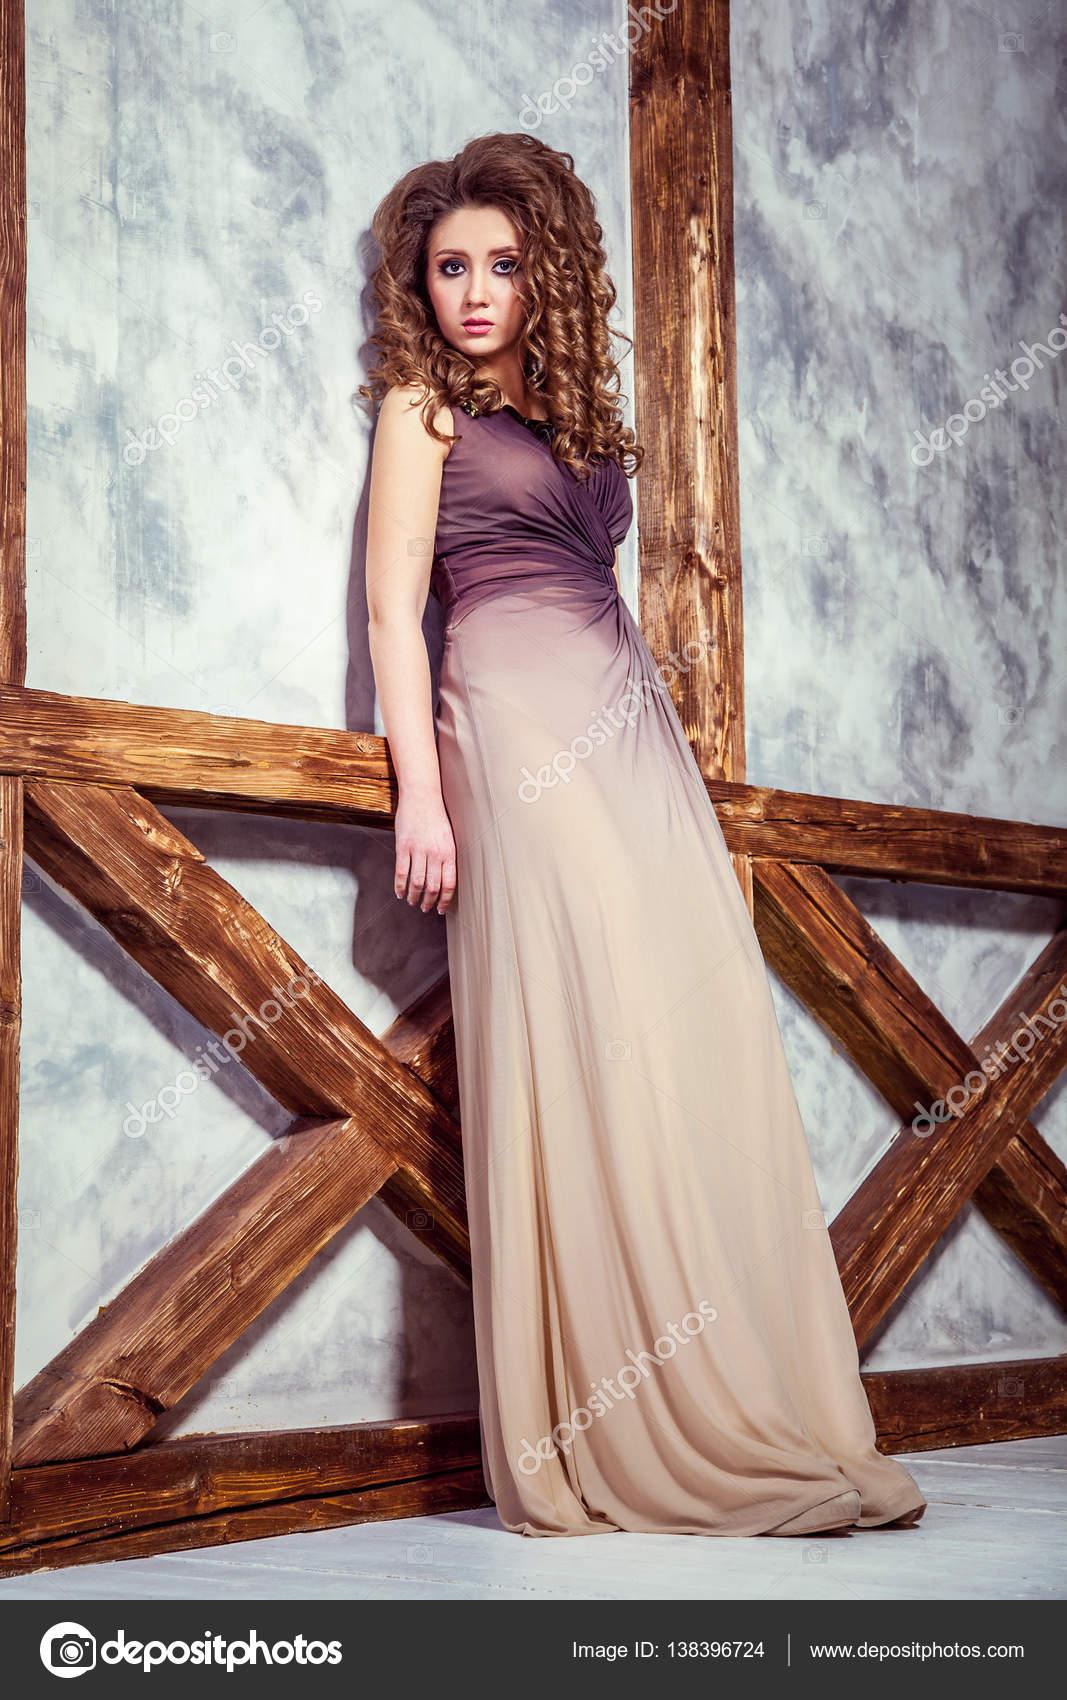 Vestido Largo Peinados Modelo Con Largo Vestido Y Rizado